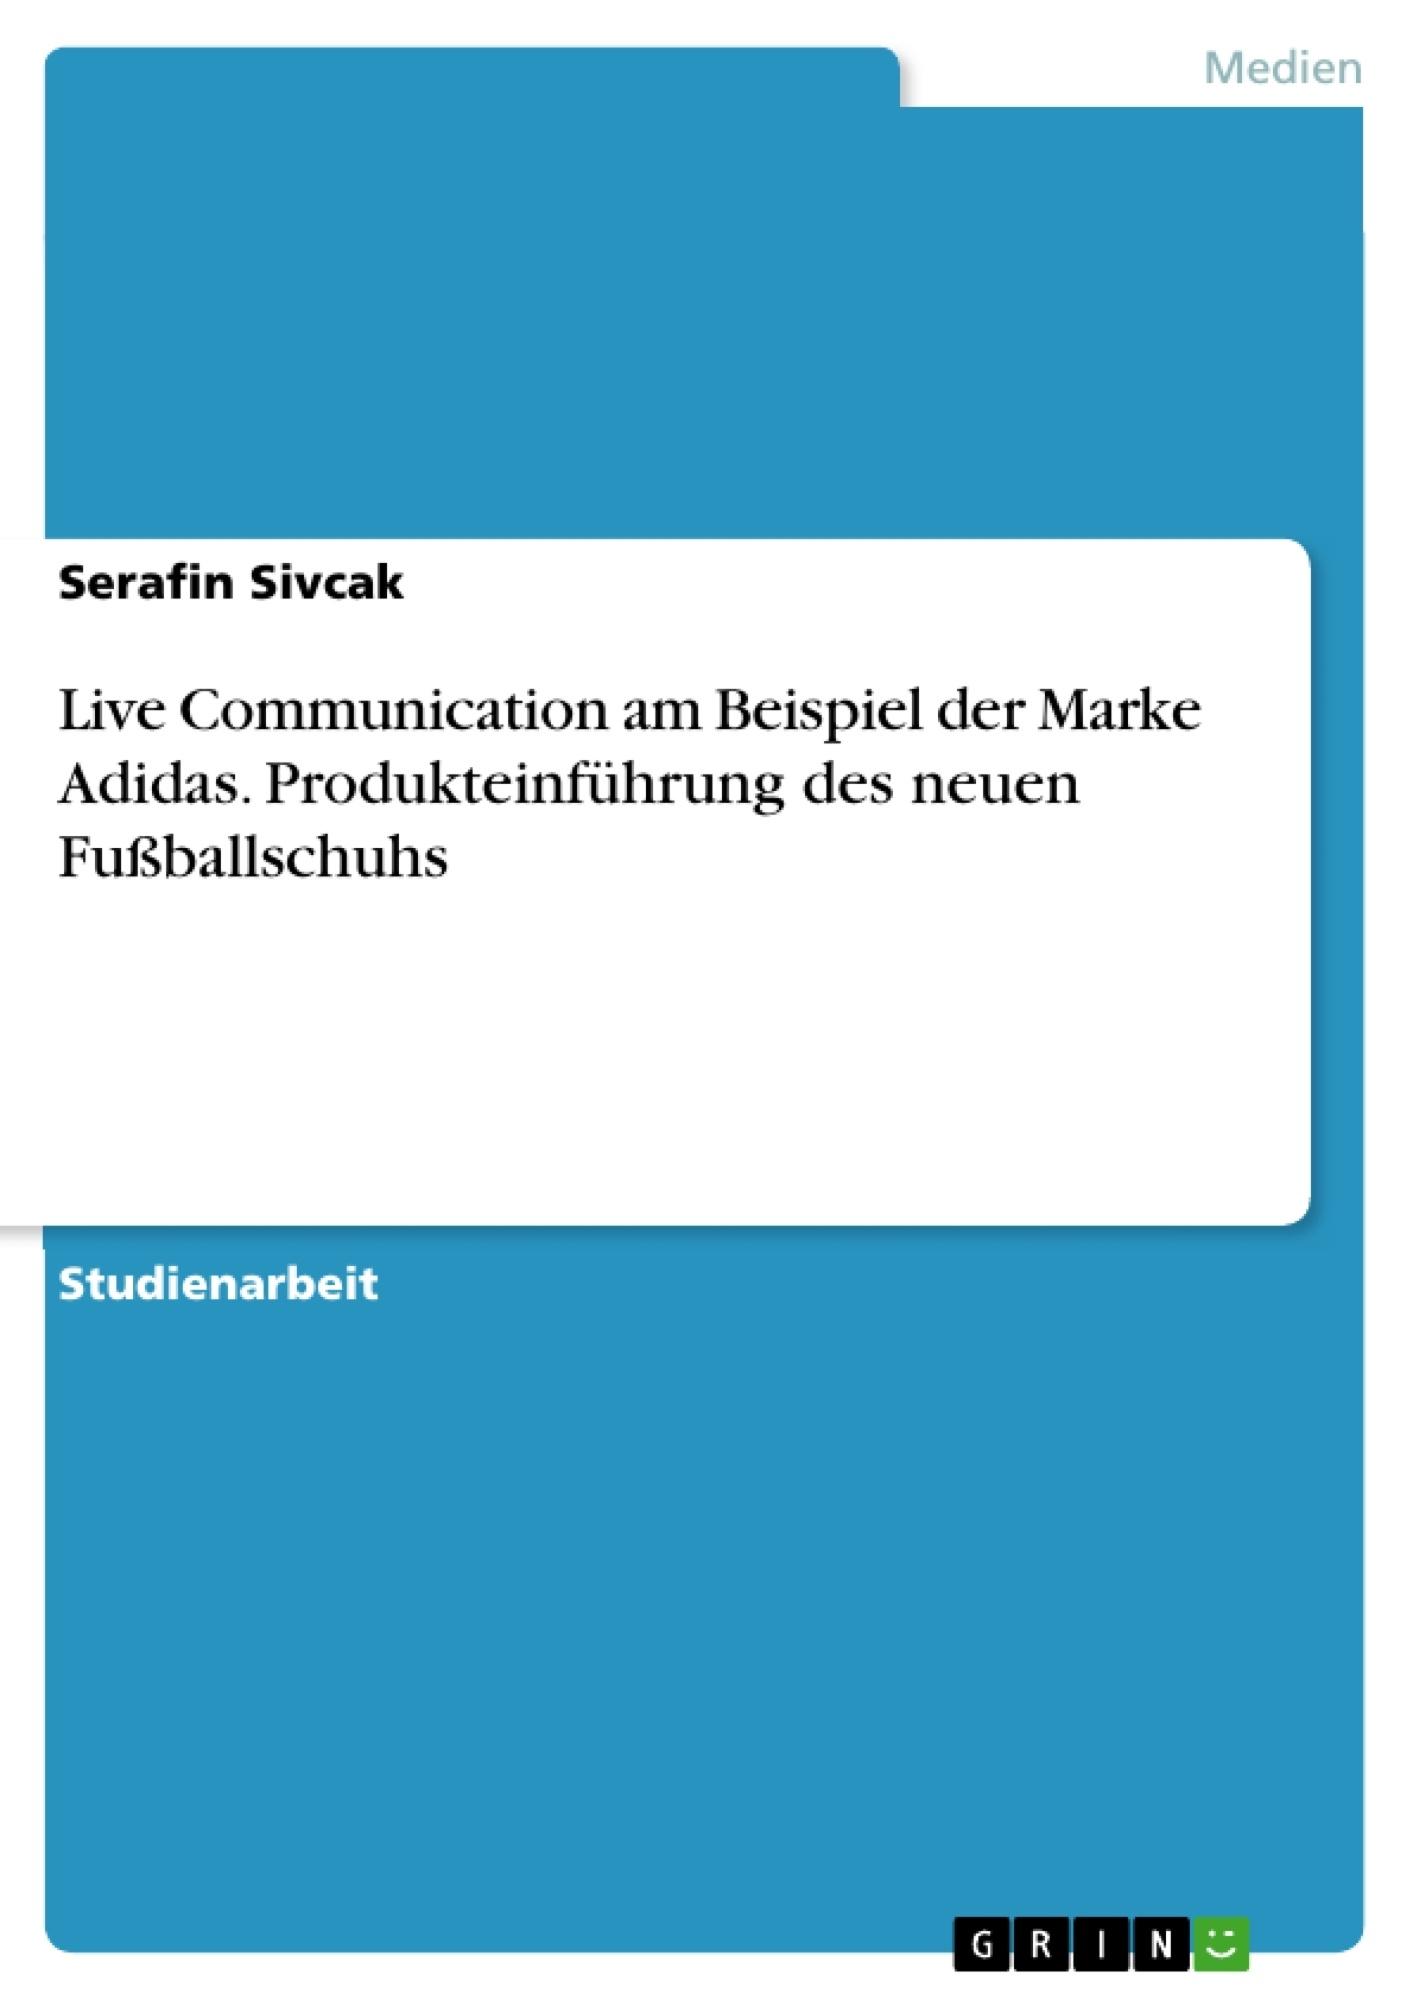 Titel: Live Communication am Beispiel der Marke Adidas. Produkteinführung des neuen Fußballschuhs